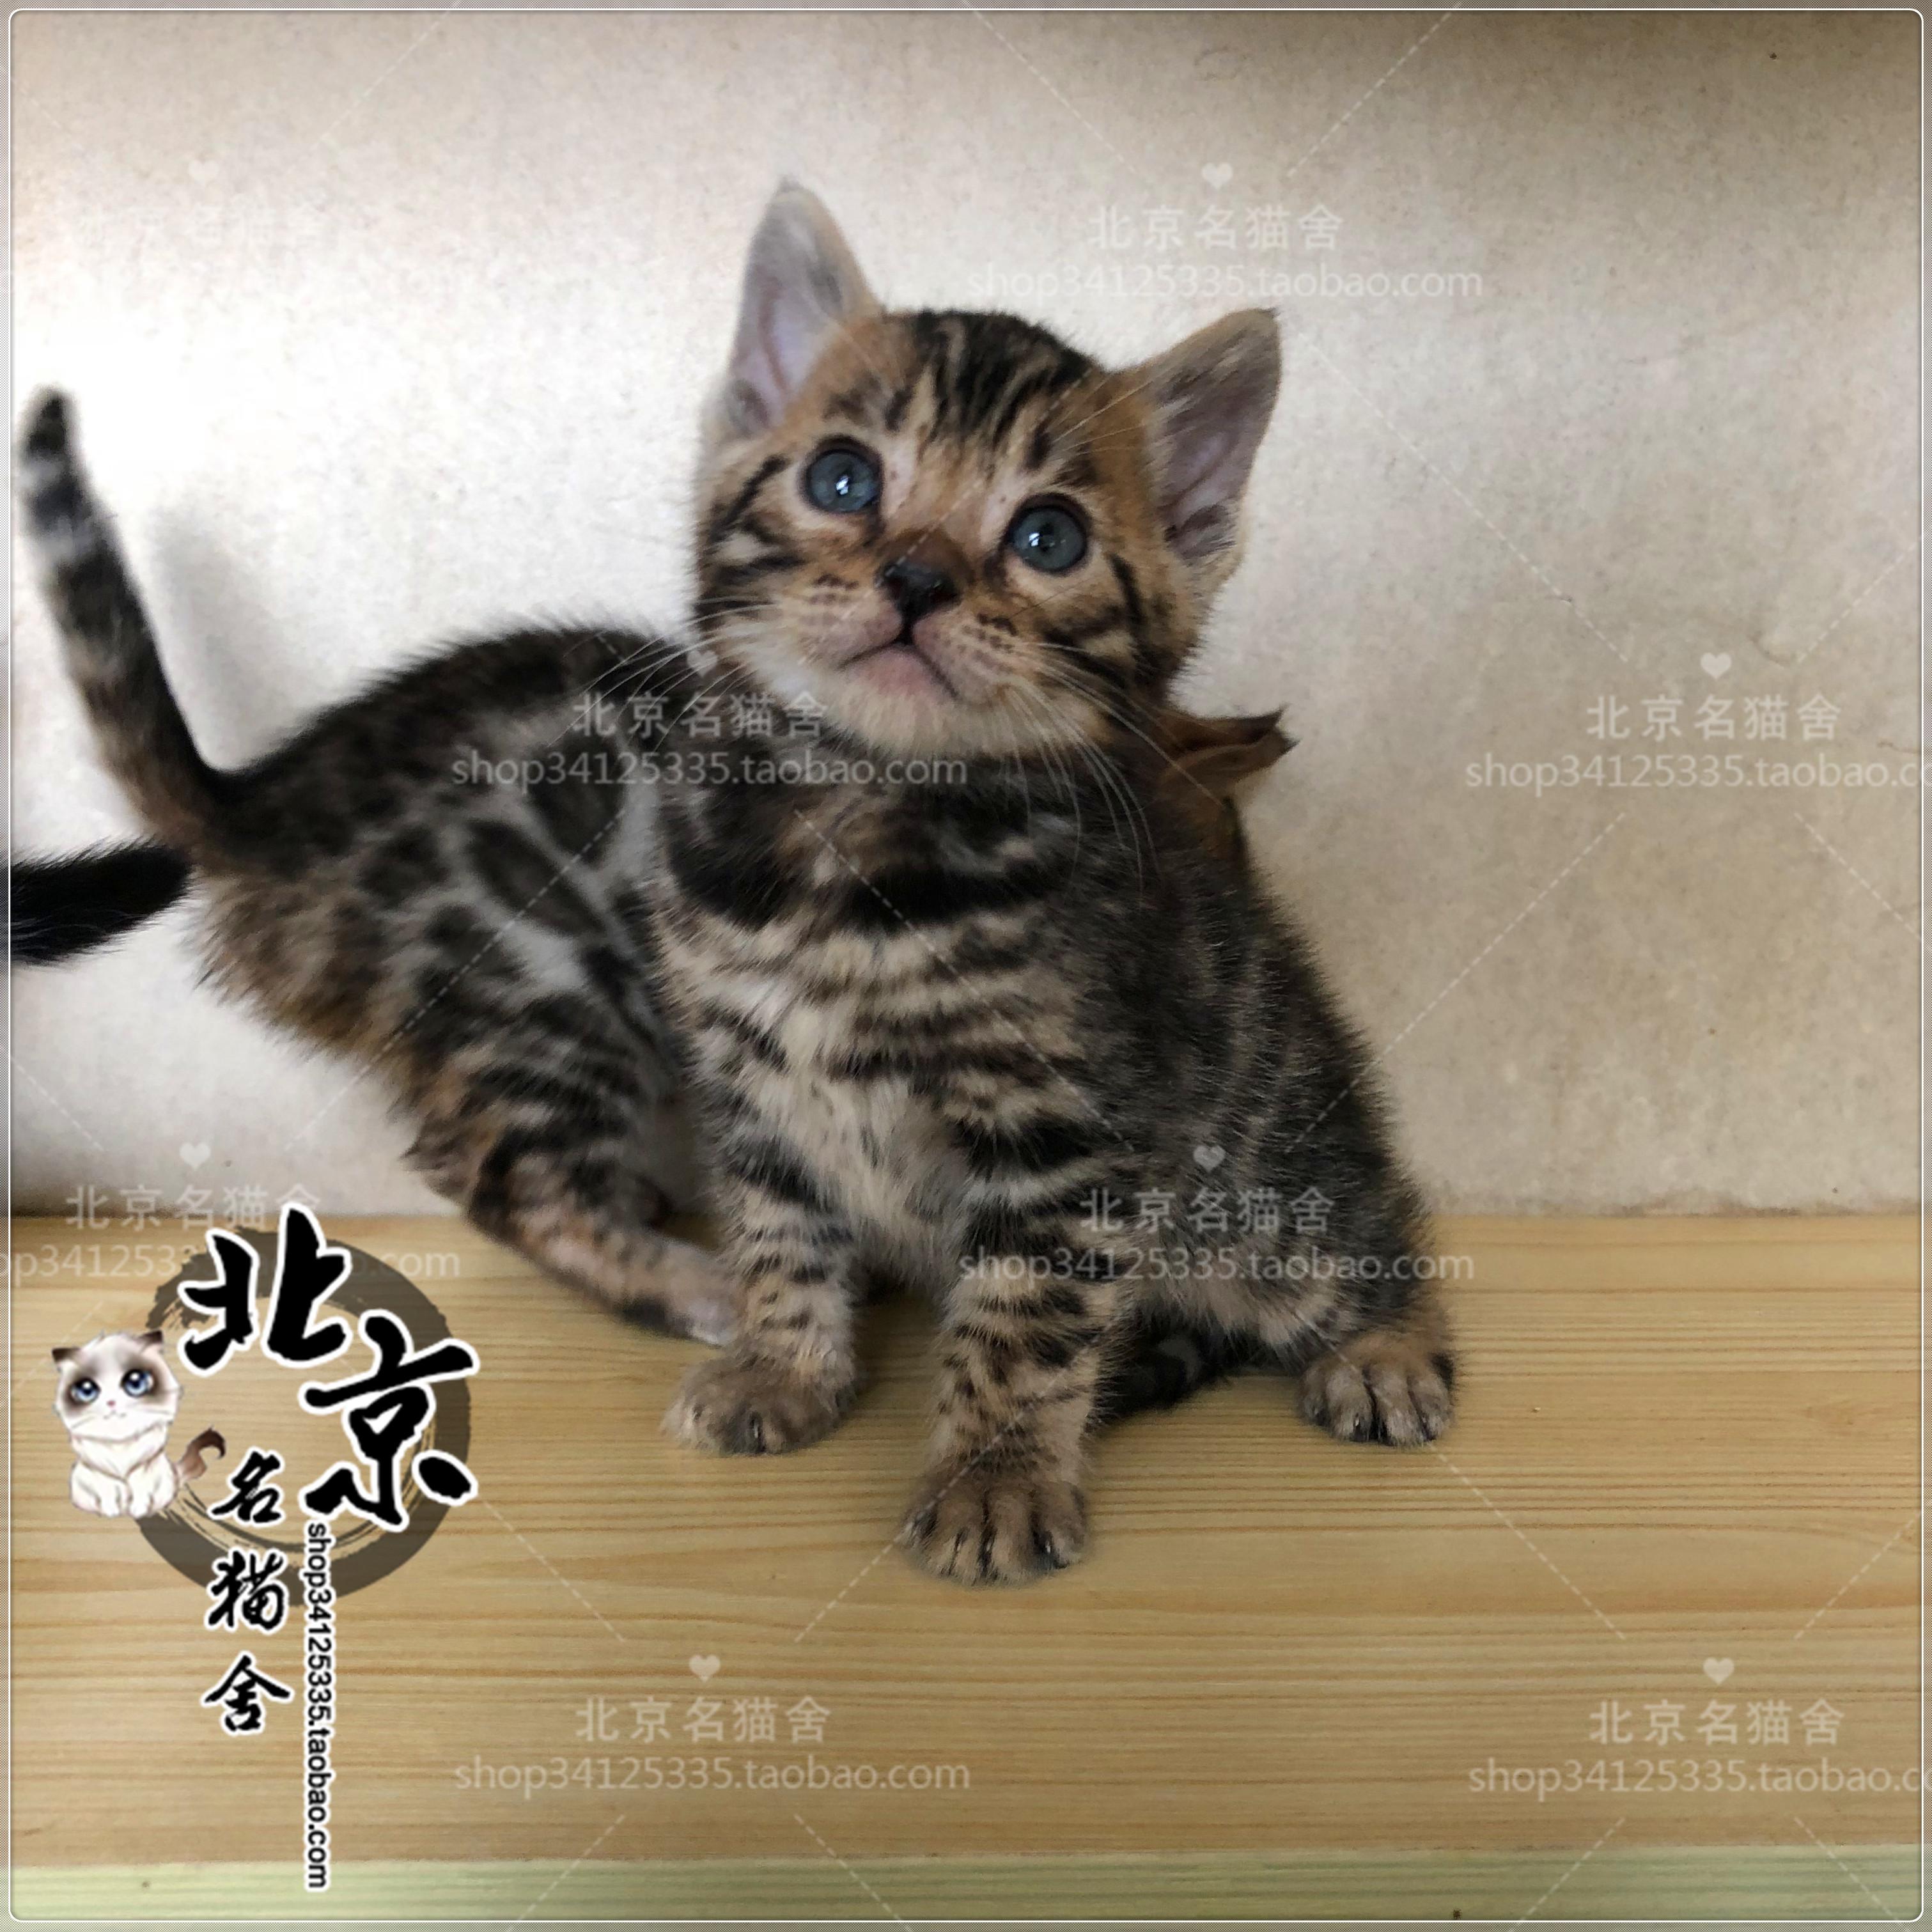 纯种豹猫活体幼猫孟加拉豹猫金钱豹雪豹宠物猫咪北京出售布偶猫